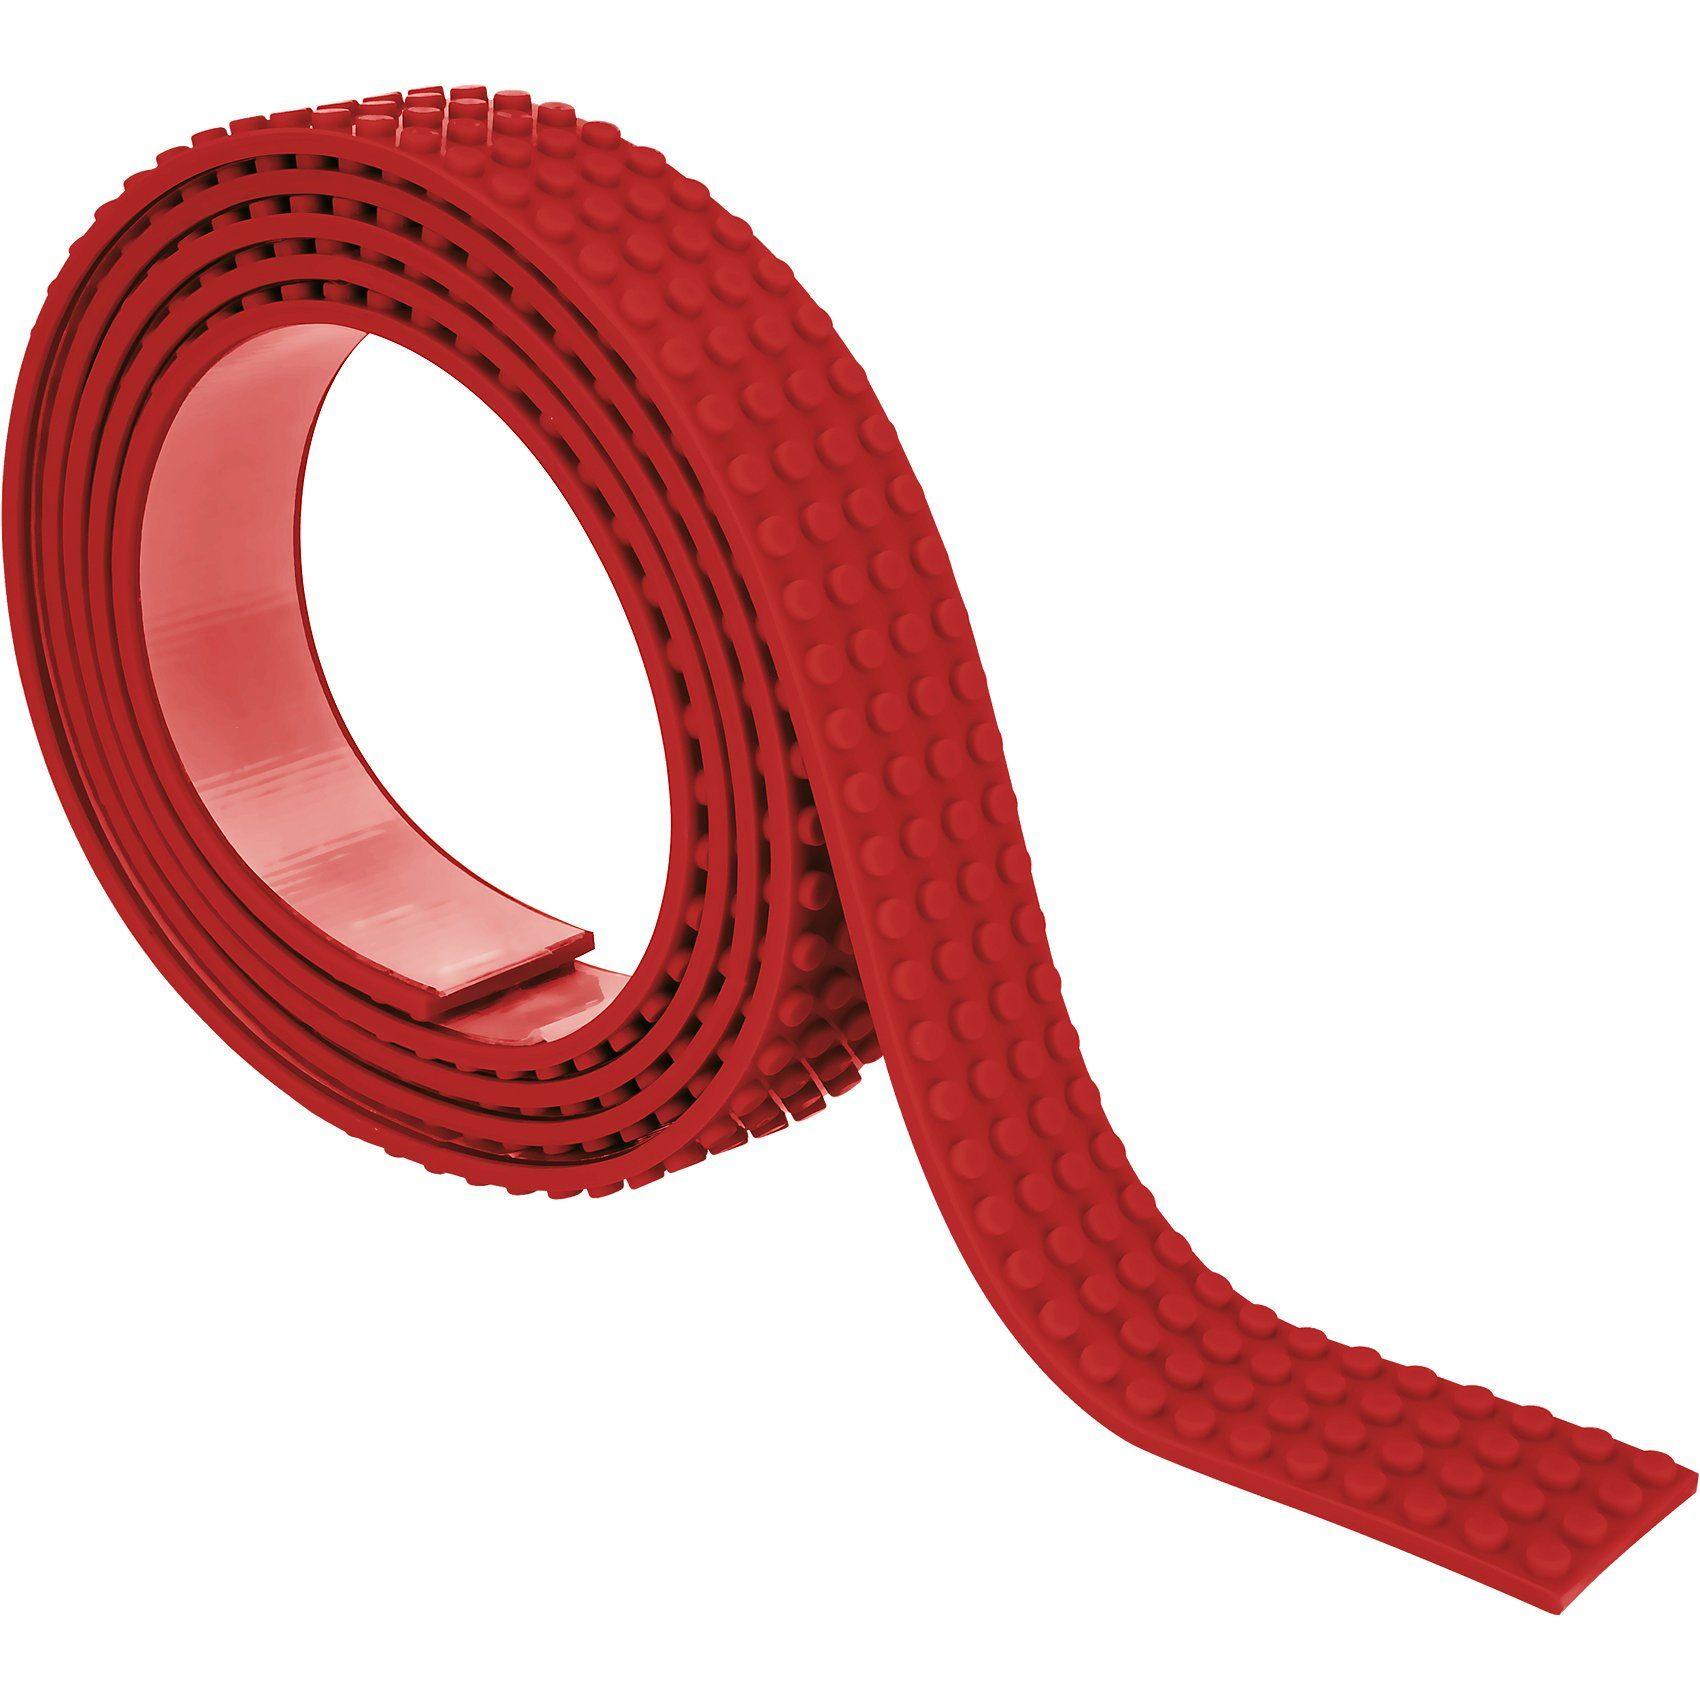 BOTI Mayka Tape - Large 2m 4 Stud - Rot